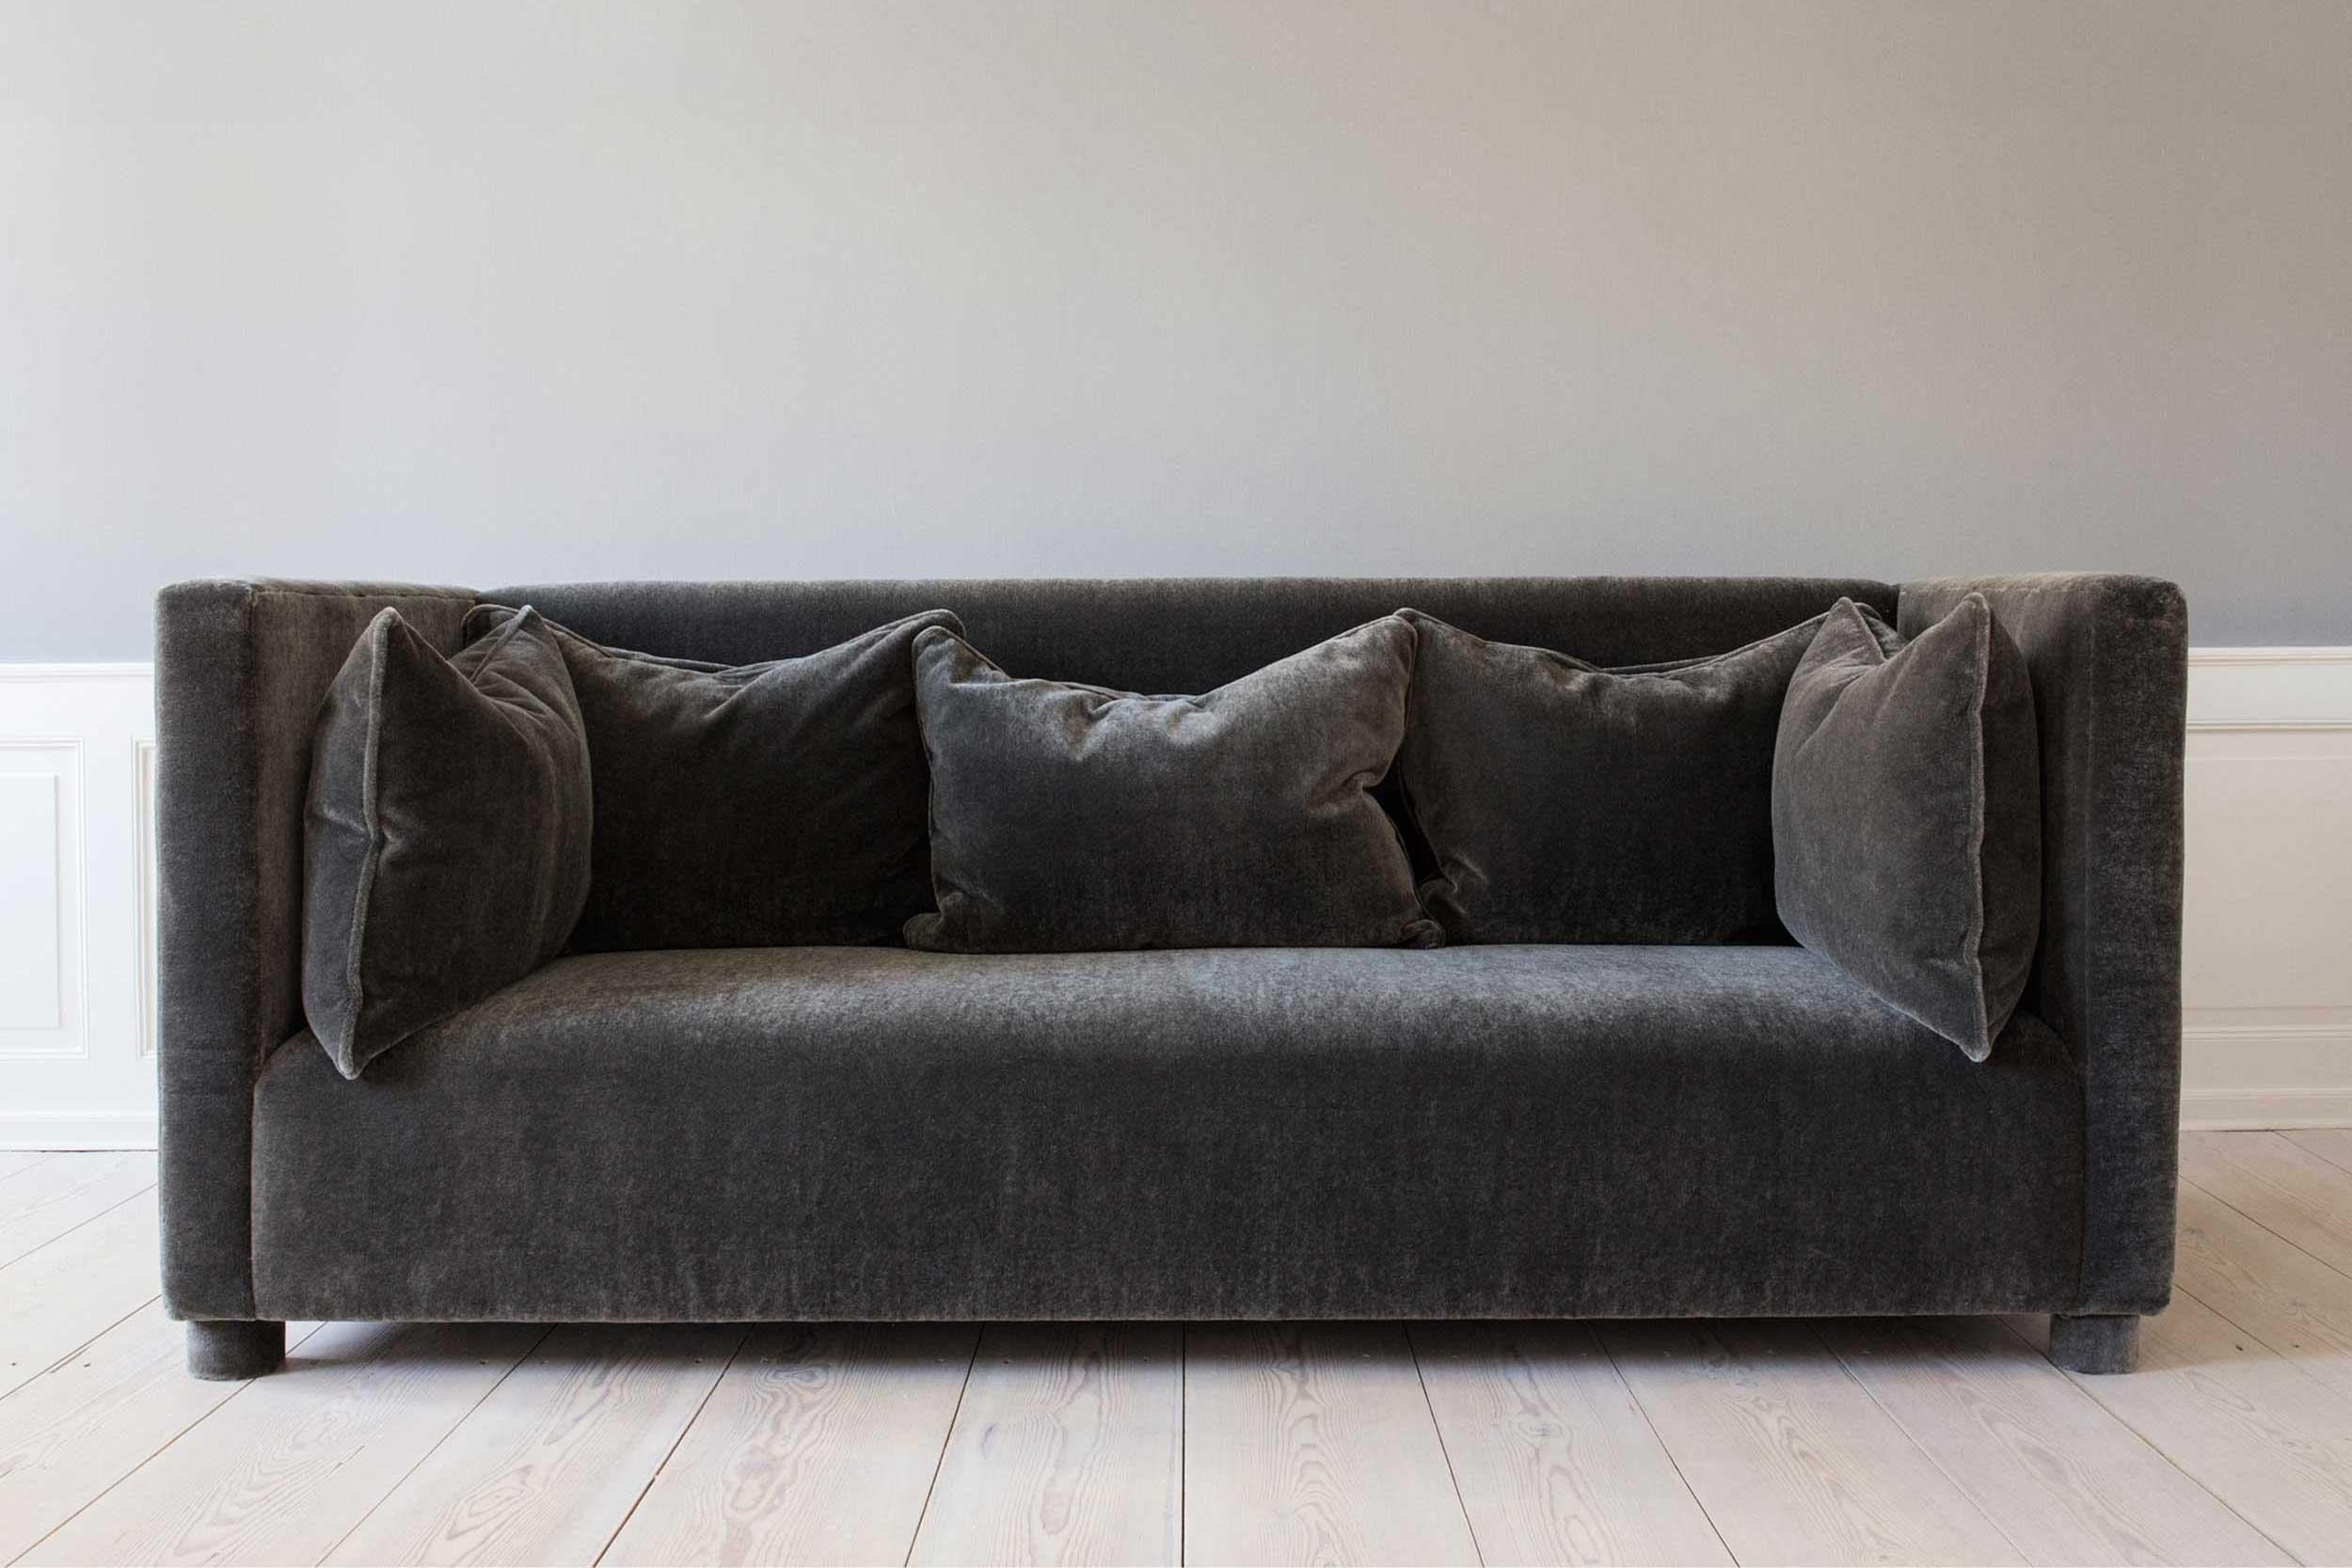 чехлы на угловой диван на резинке в краснодаре